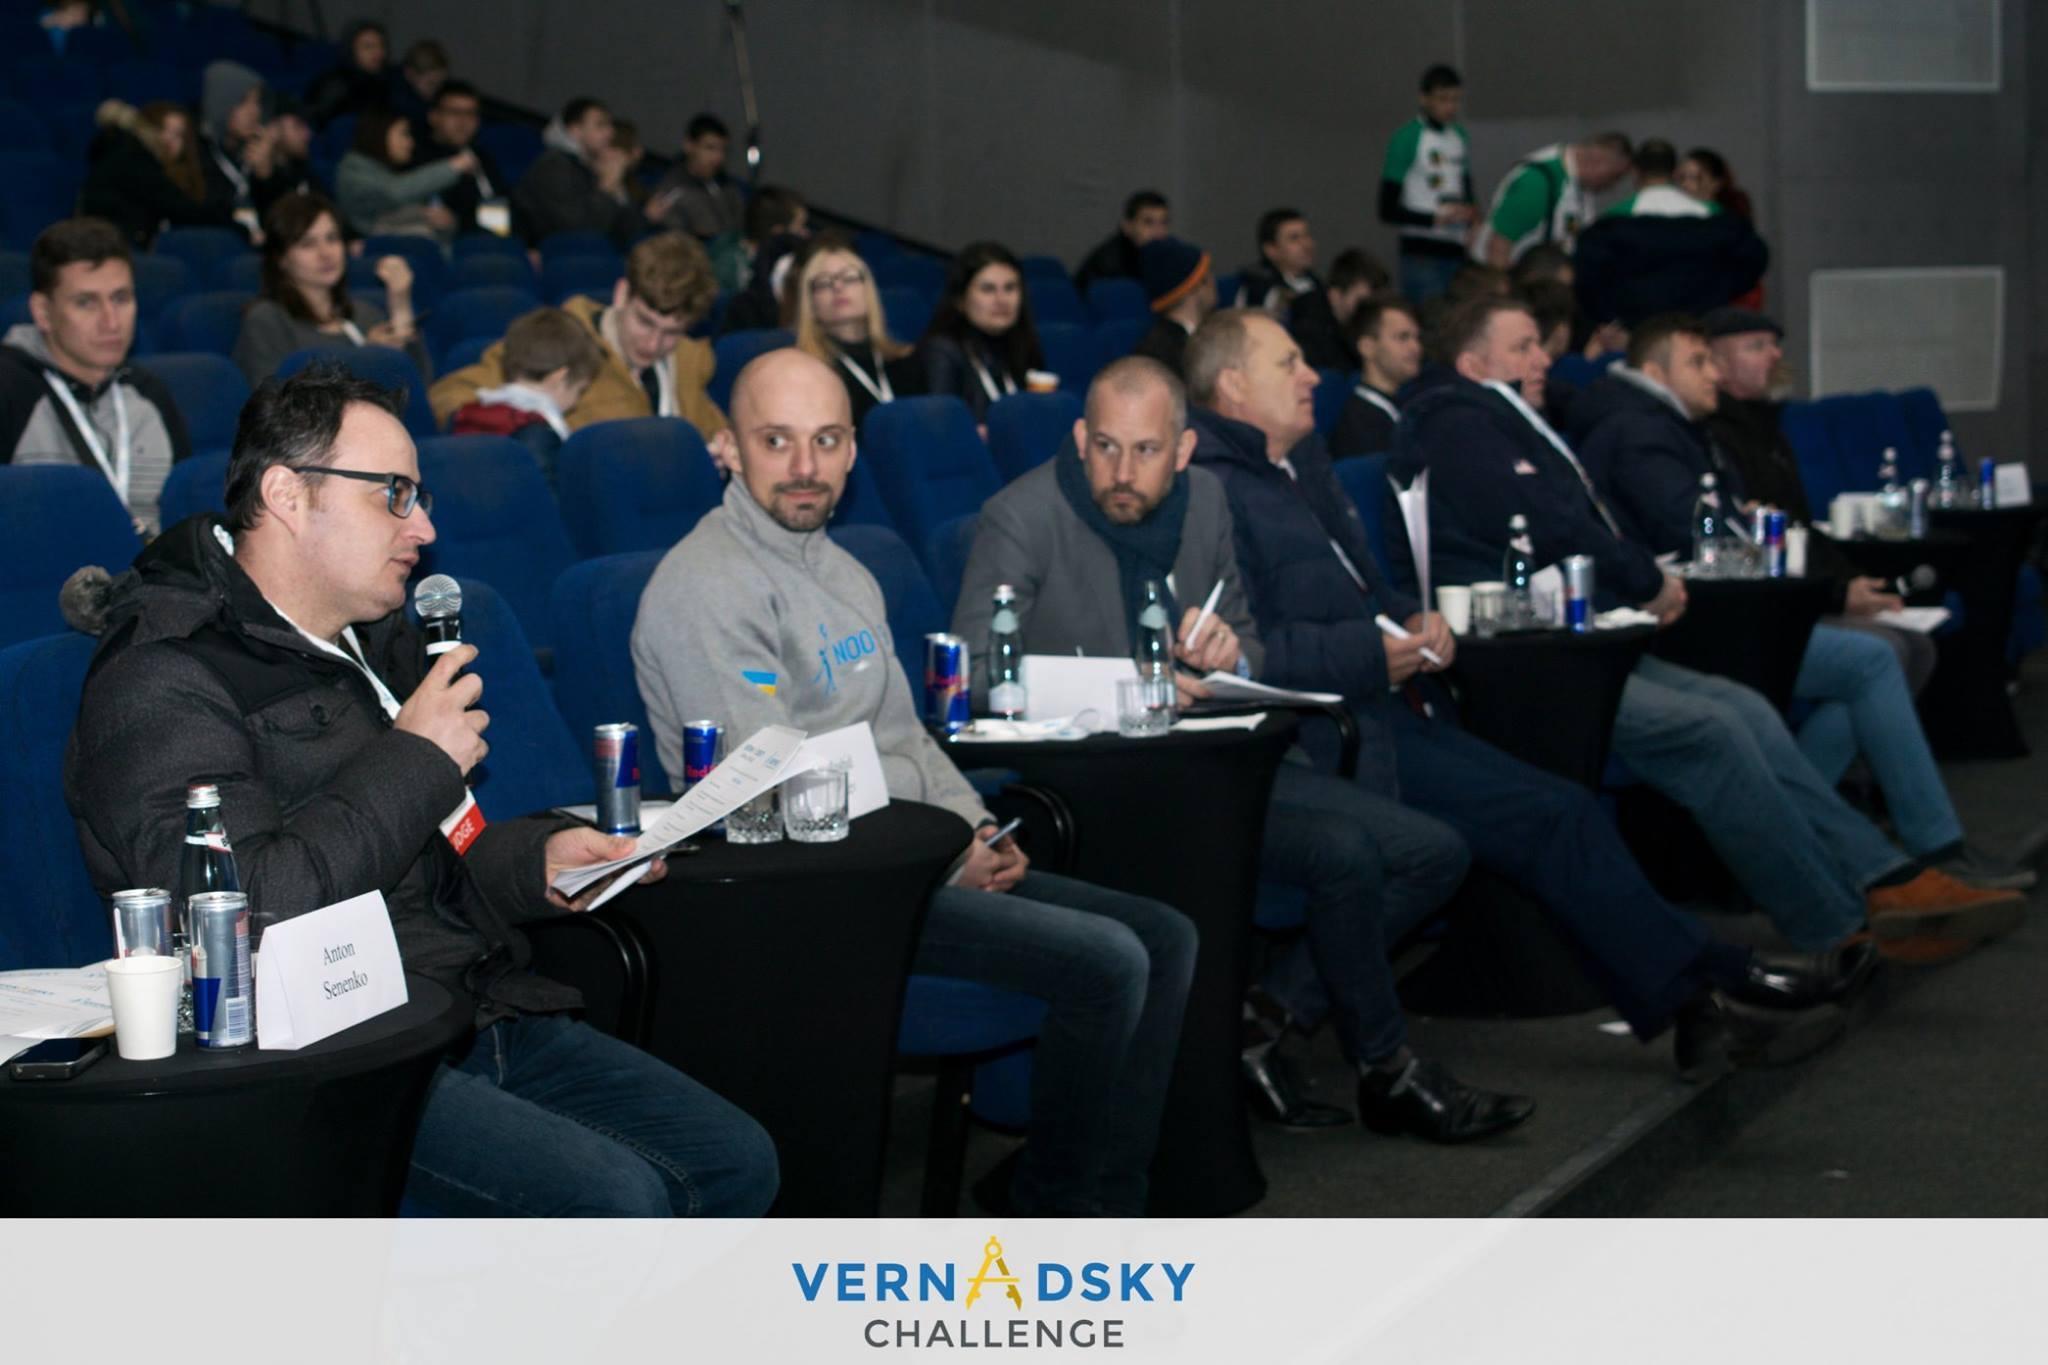 Достижения финалистов конкурса Vernadsky Challenge Макса Полякова